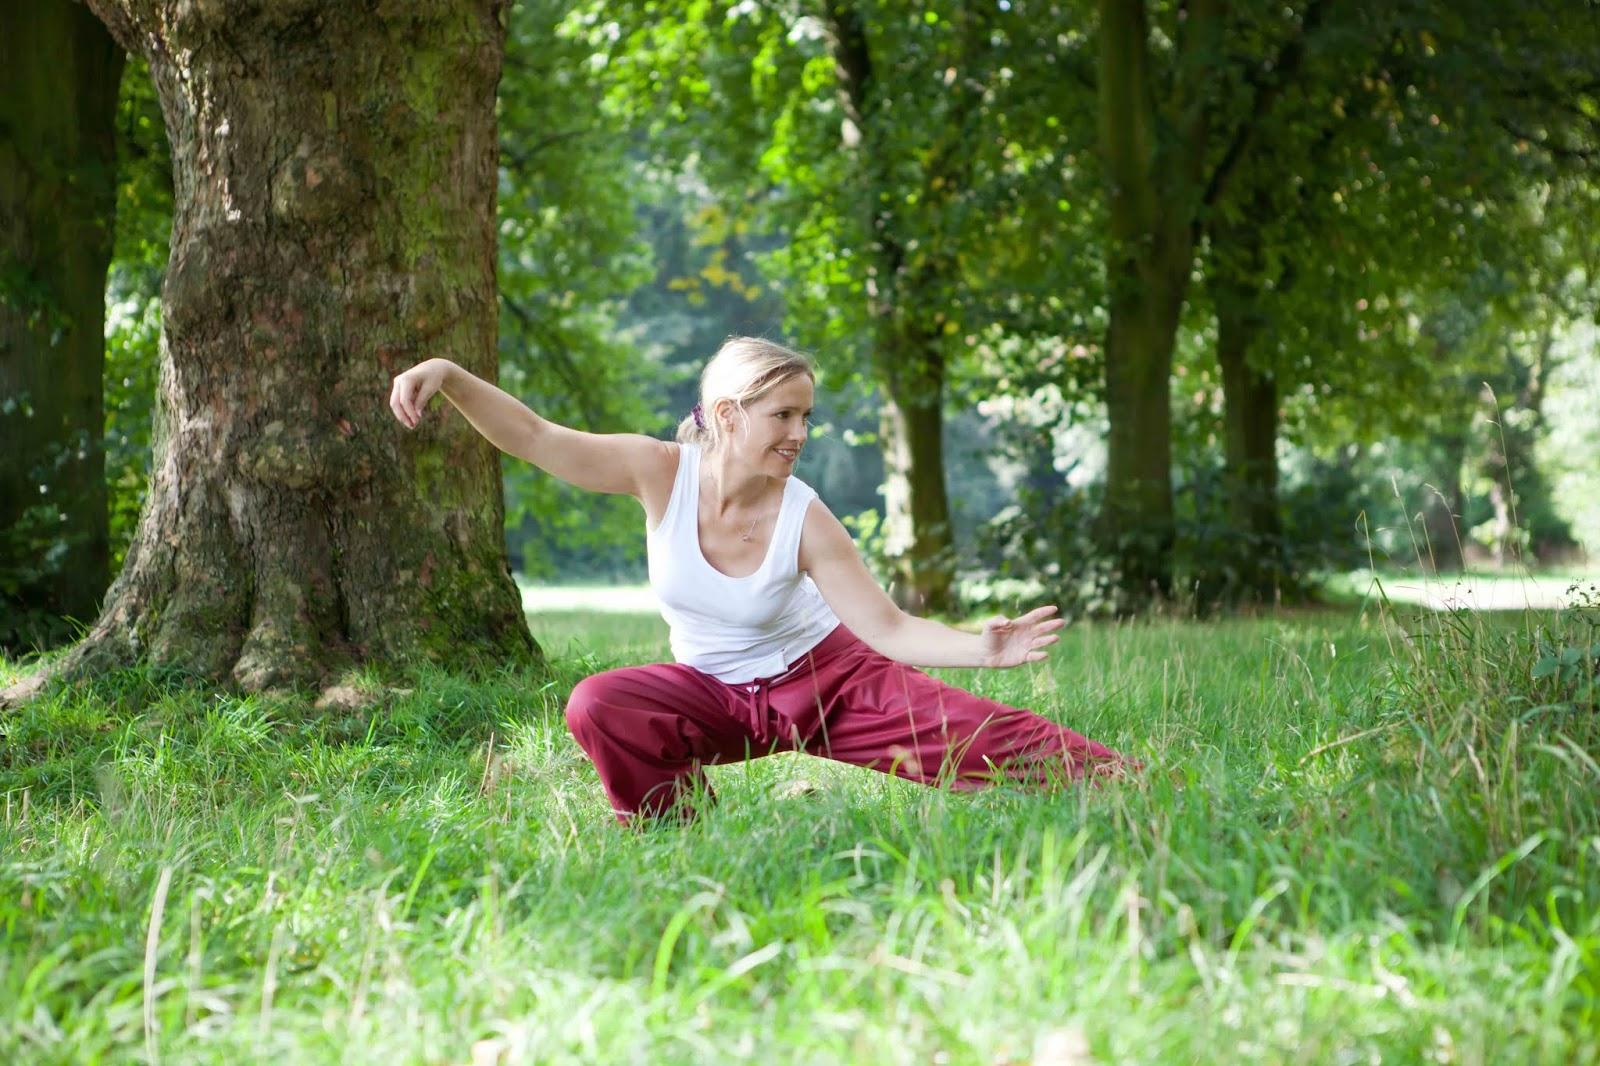 Frau in roter Hose bei Gymnastik in Park